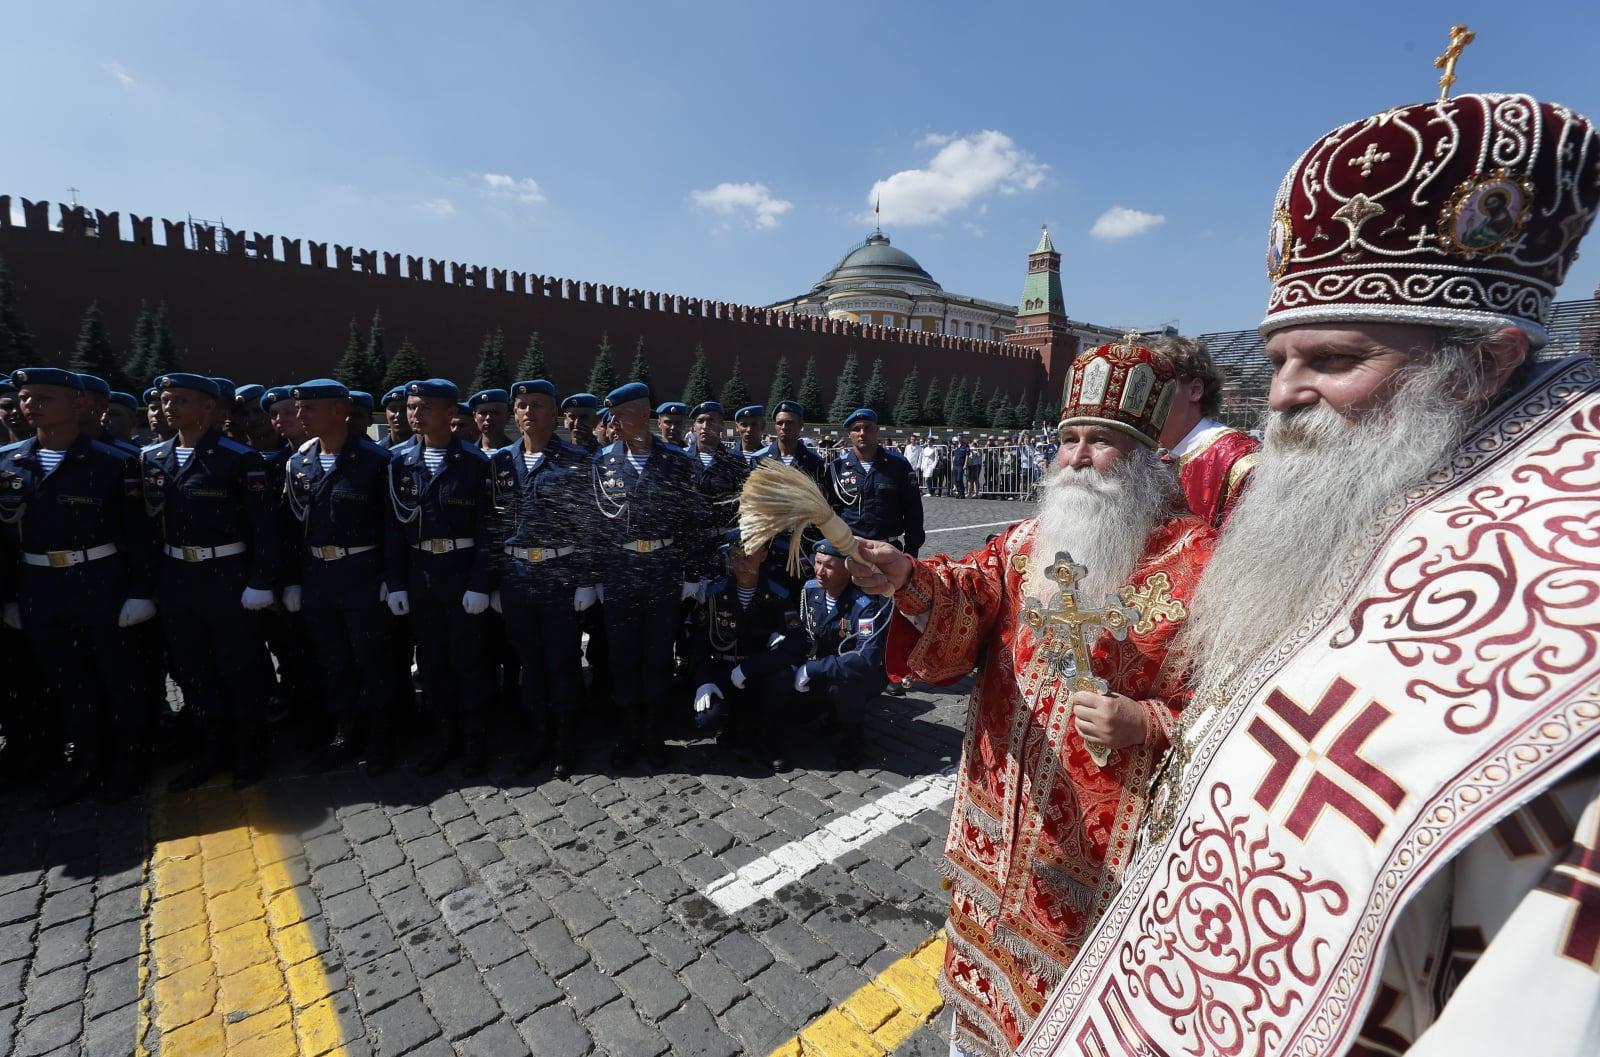 Rosyjscy prawosławni księża błogosławią rosyjskich spadochroniarzy z okazji tradycyjnych rosyjskich obchodów